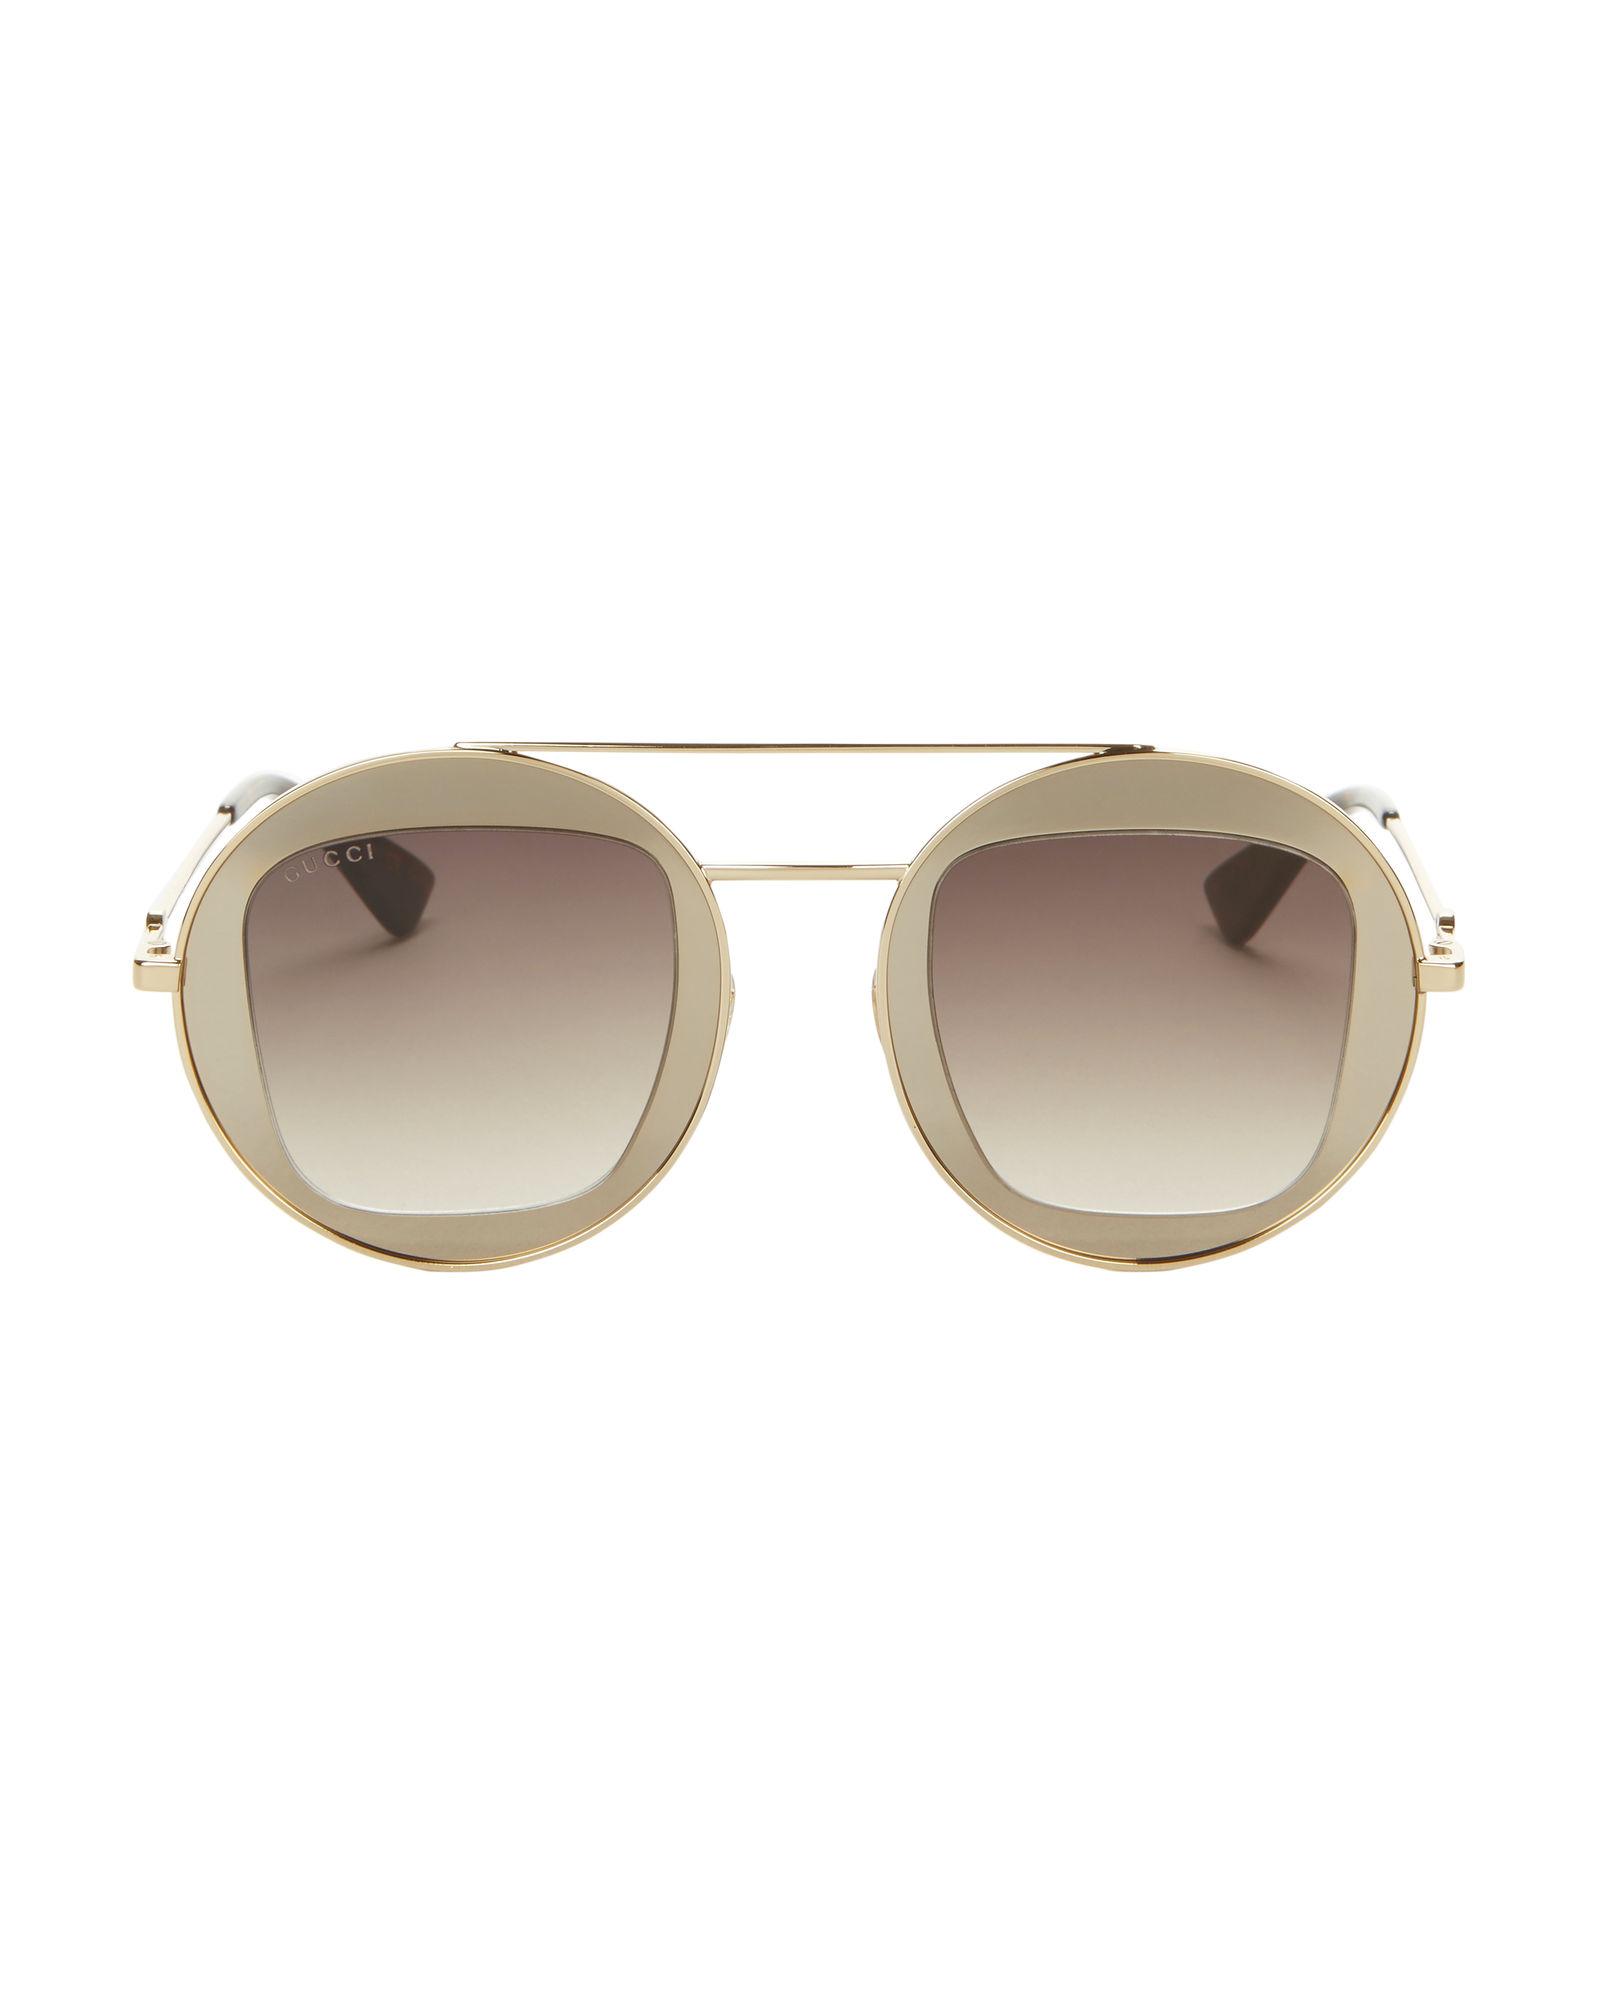 Gucci Round Gold Sunglasses